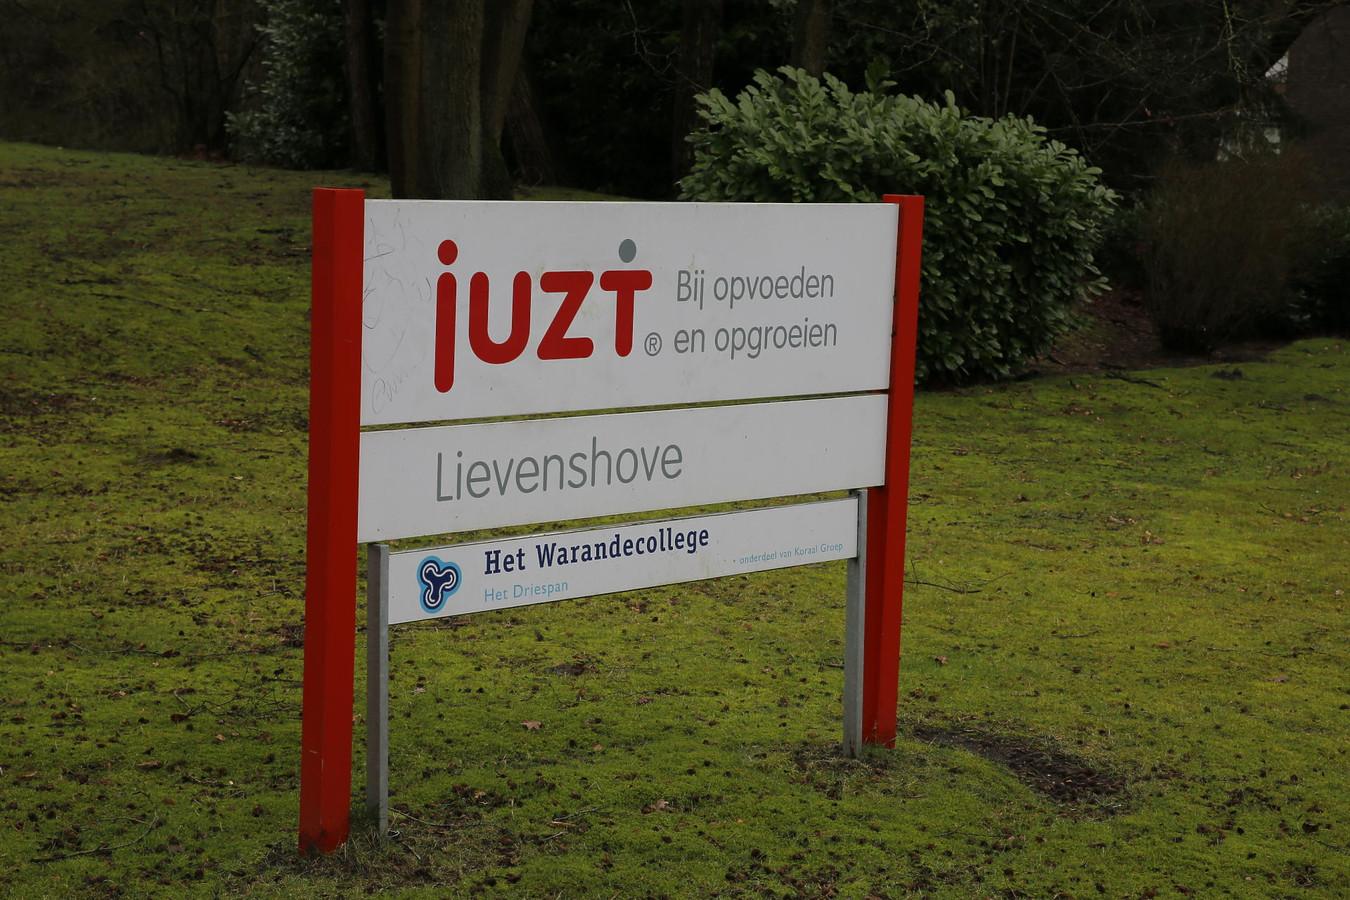 De Juzt-locatie Lievenshove in Oosterhout gaat dicht. Daardoor wordt een deel van de bewoners overgeplaatst naar De Vliethoeve in Kortgene.